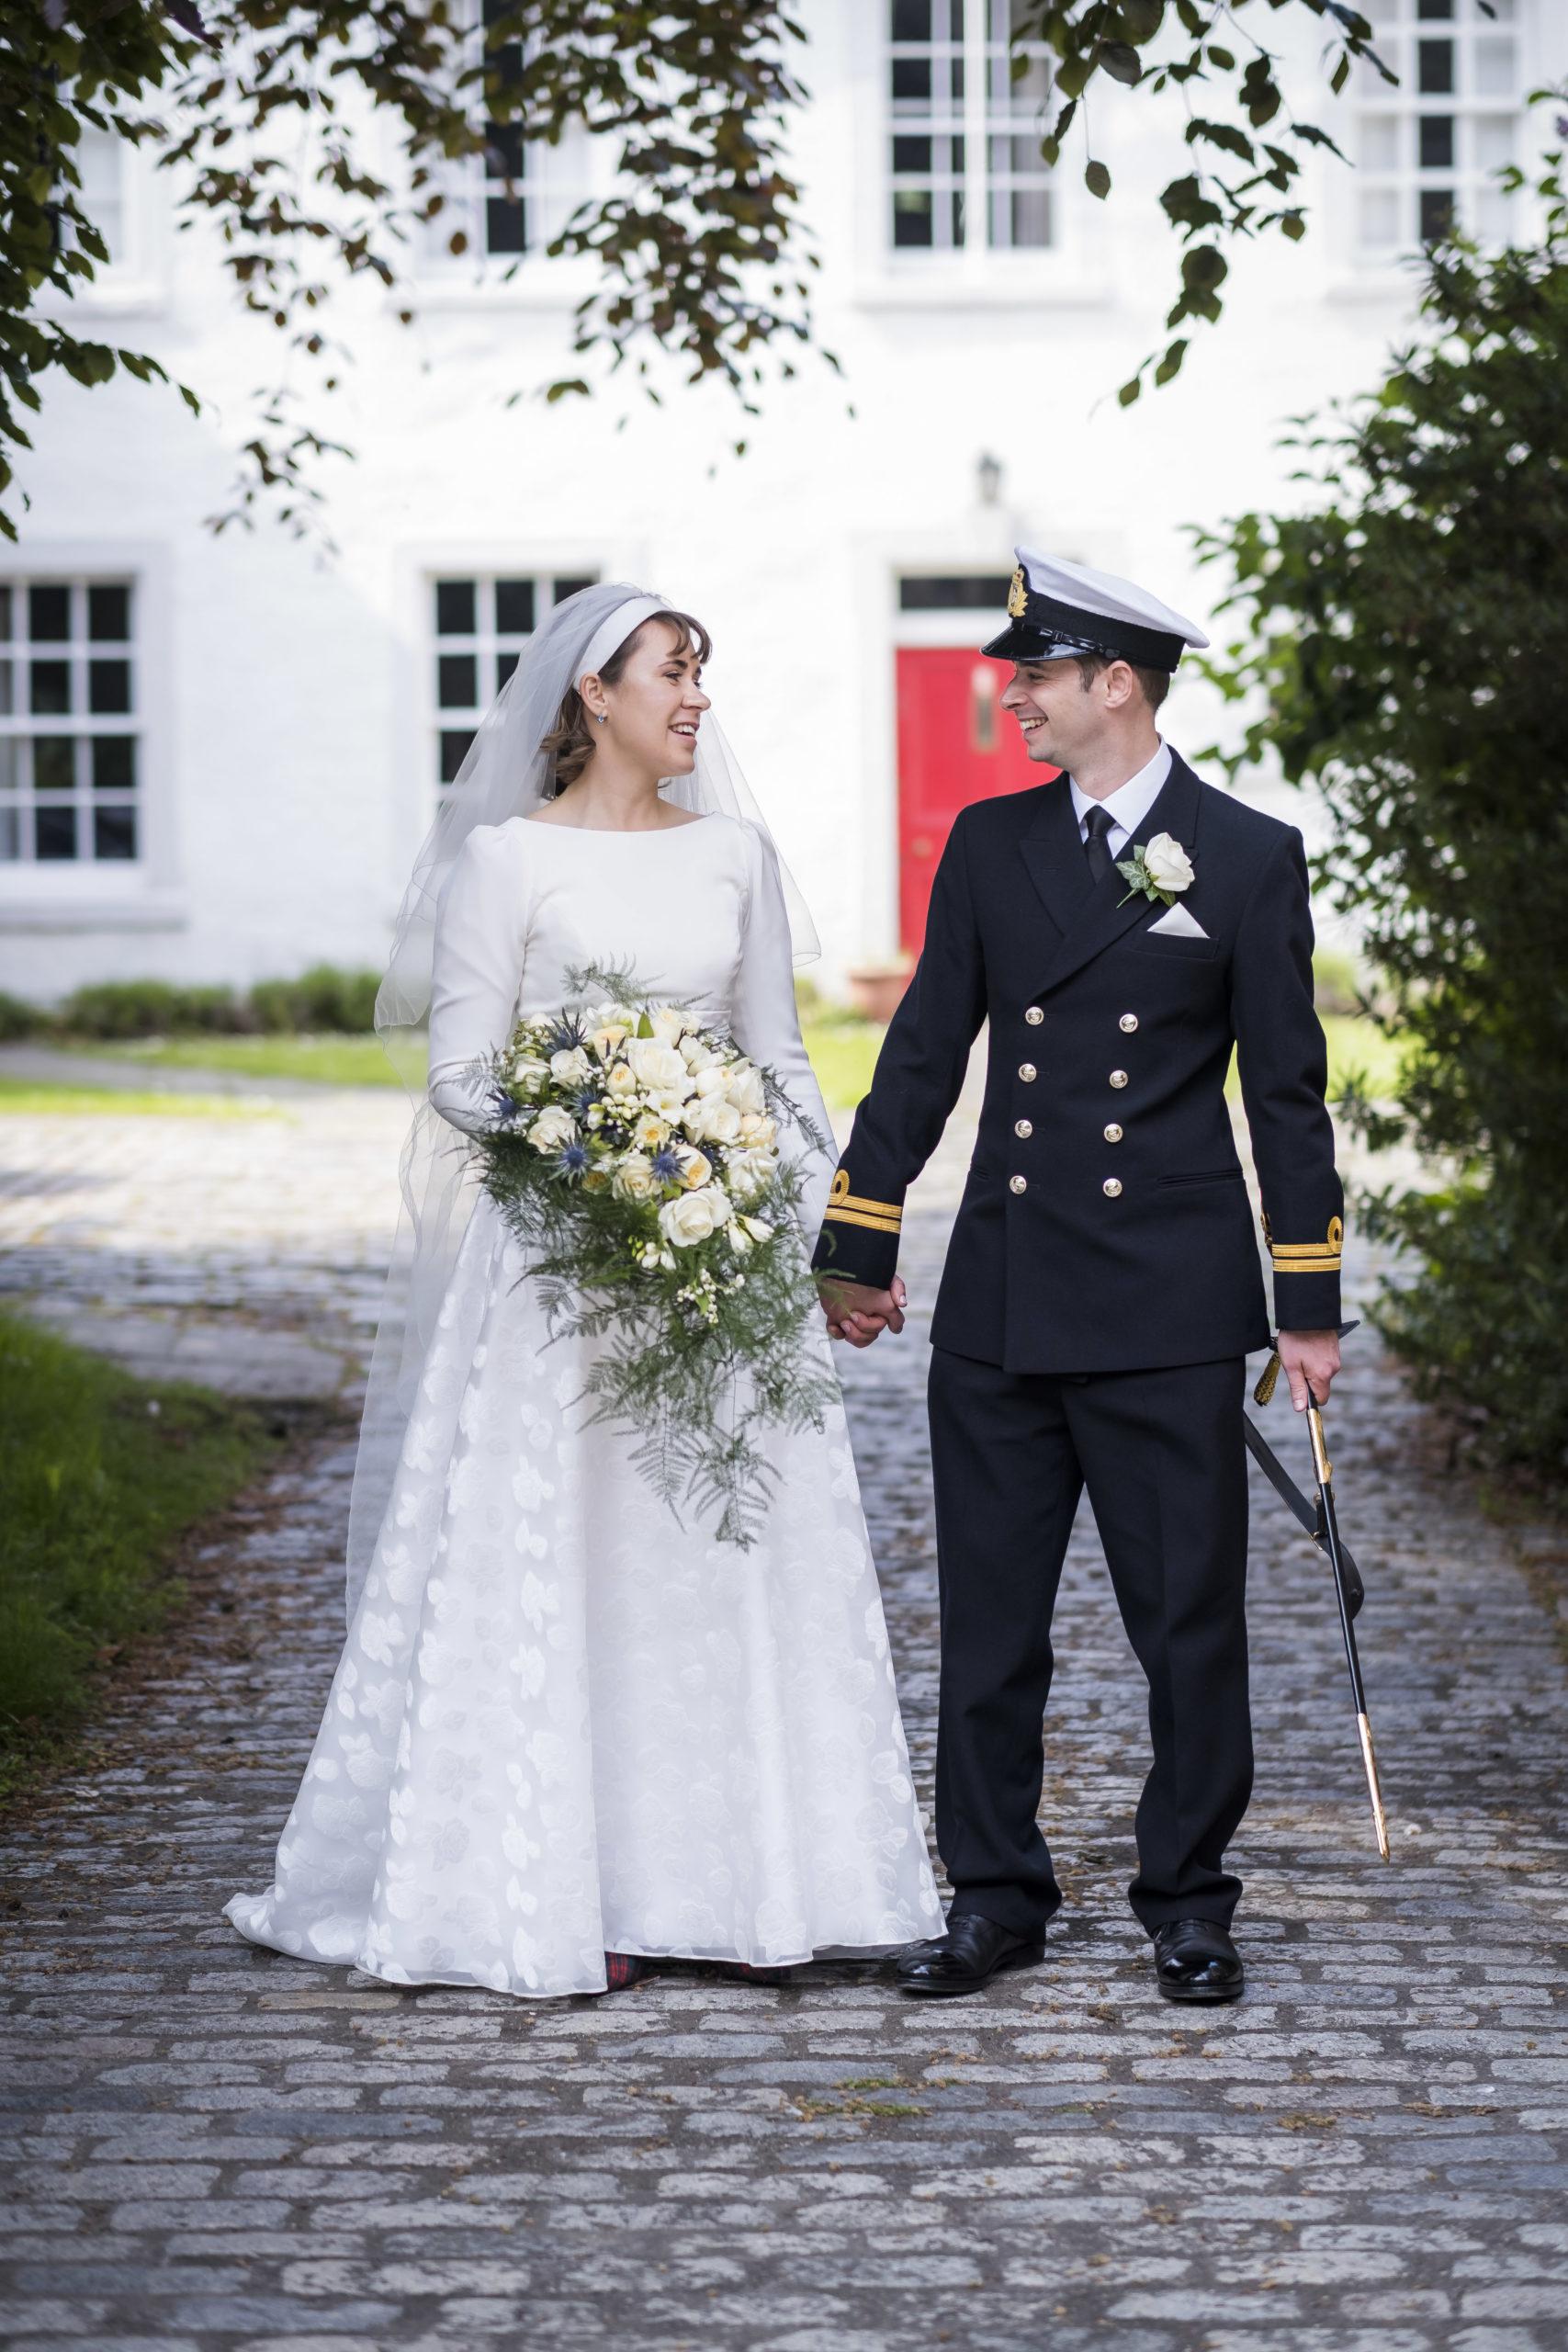 Uniform wedding